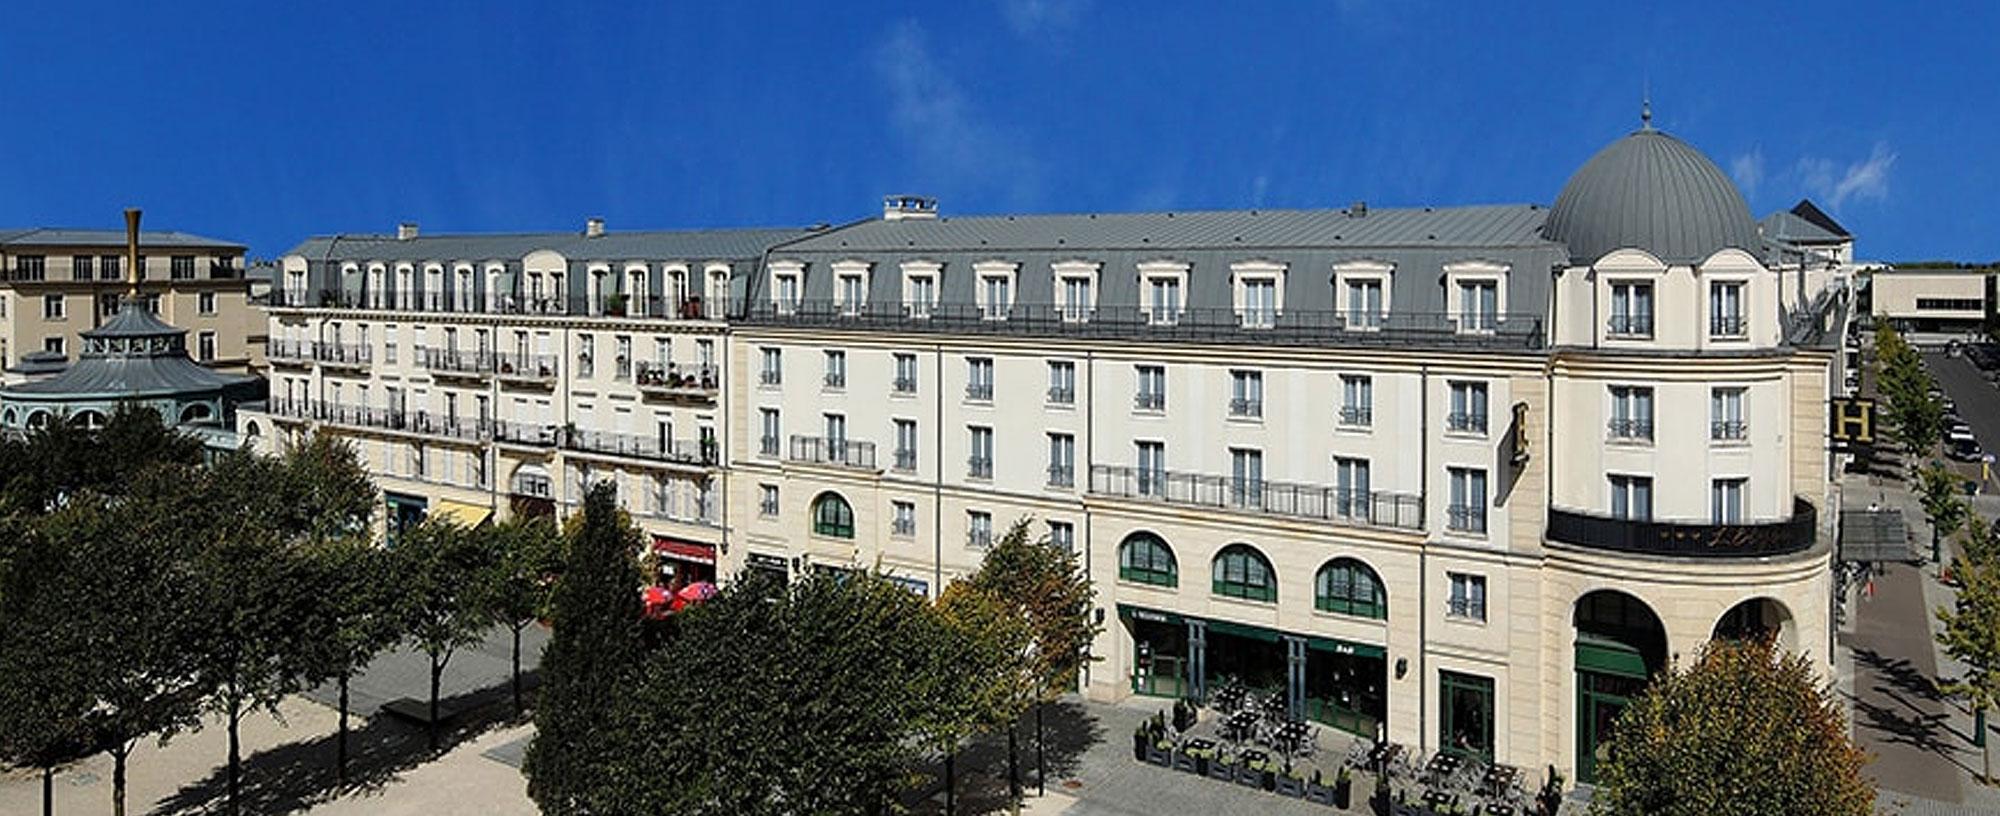 Hotel l Elysee Val d Europe